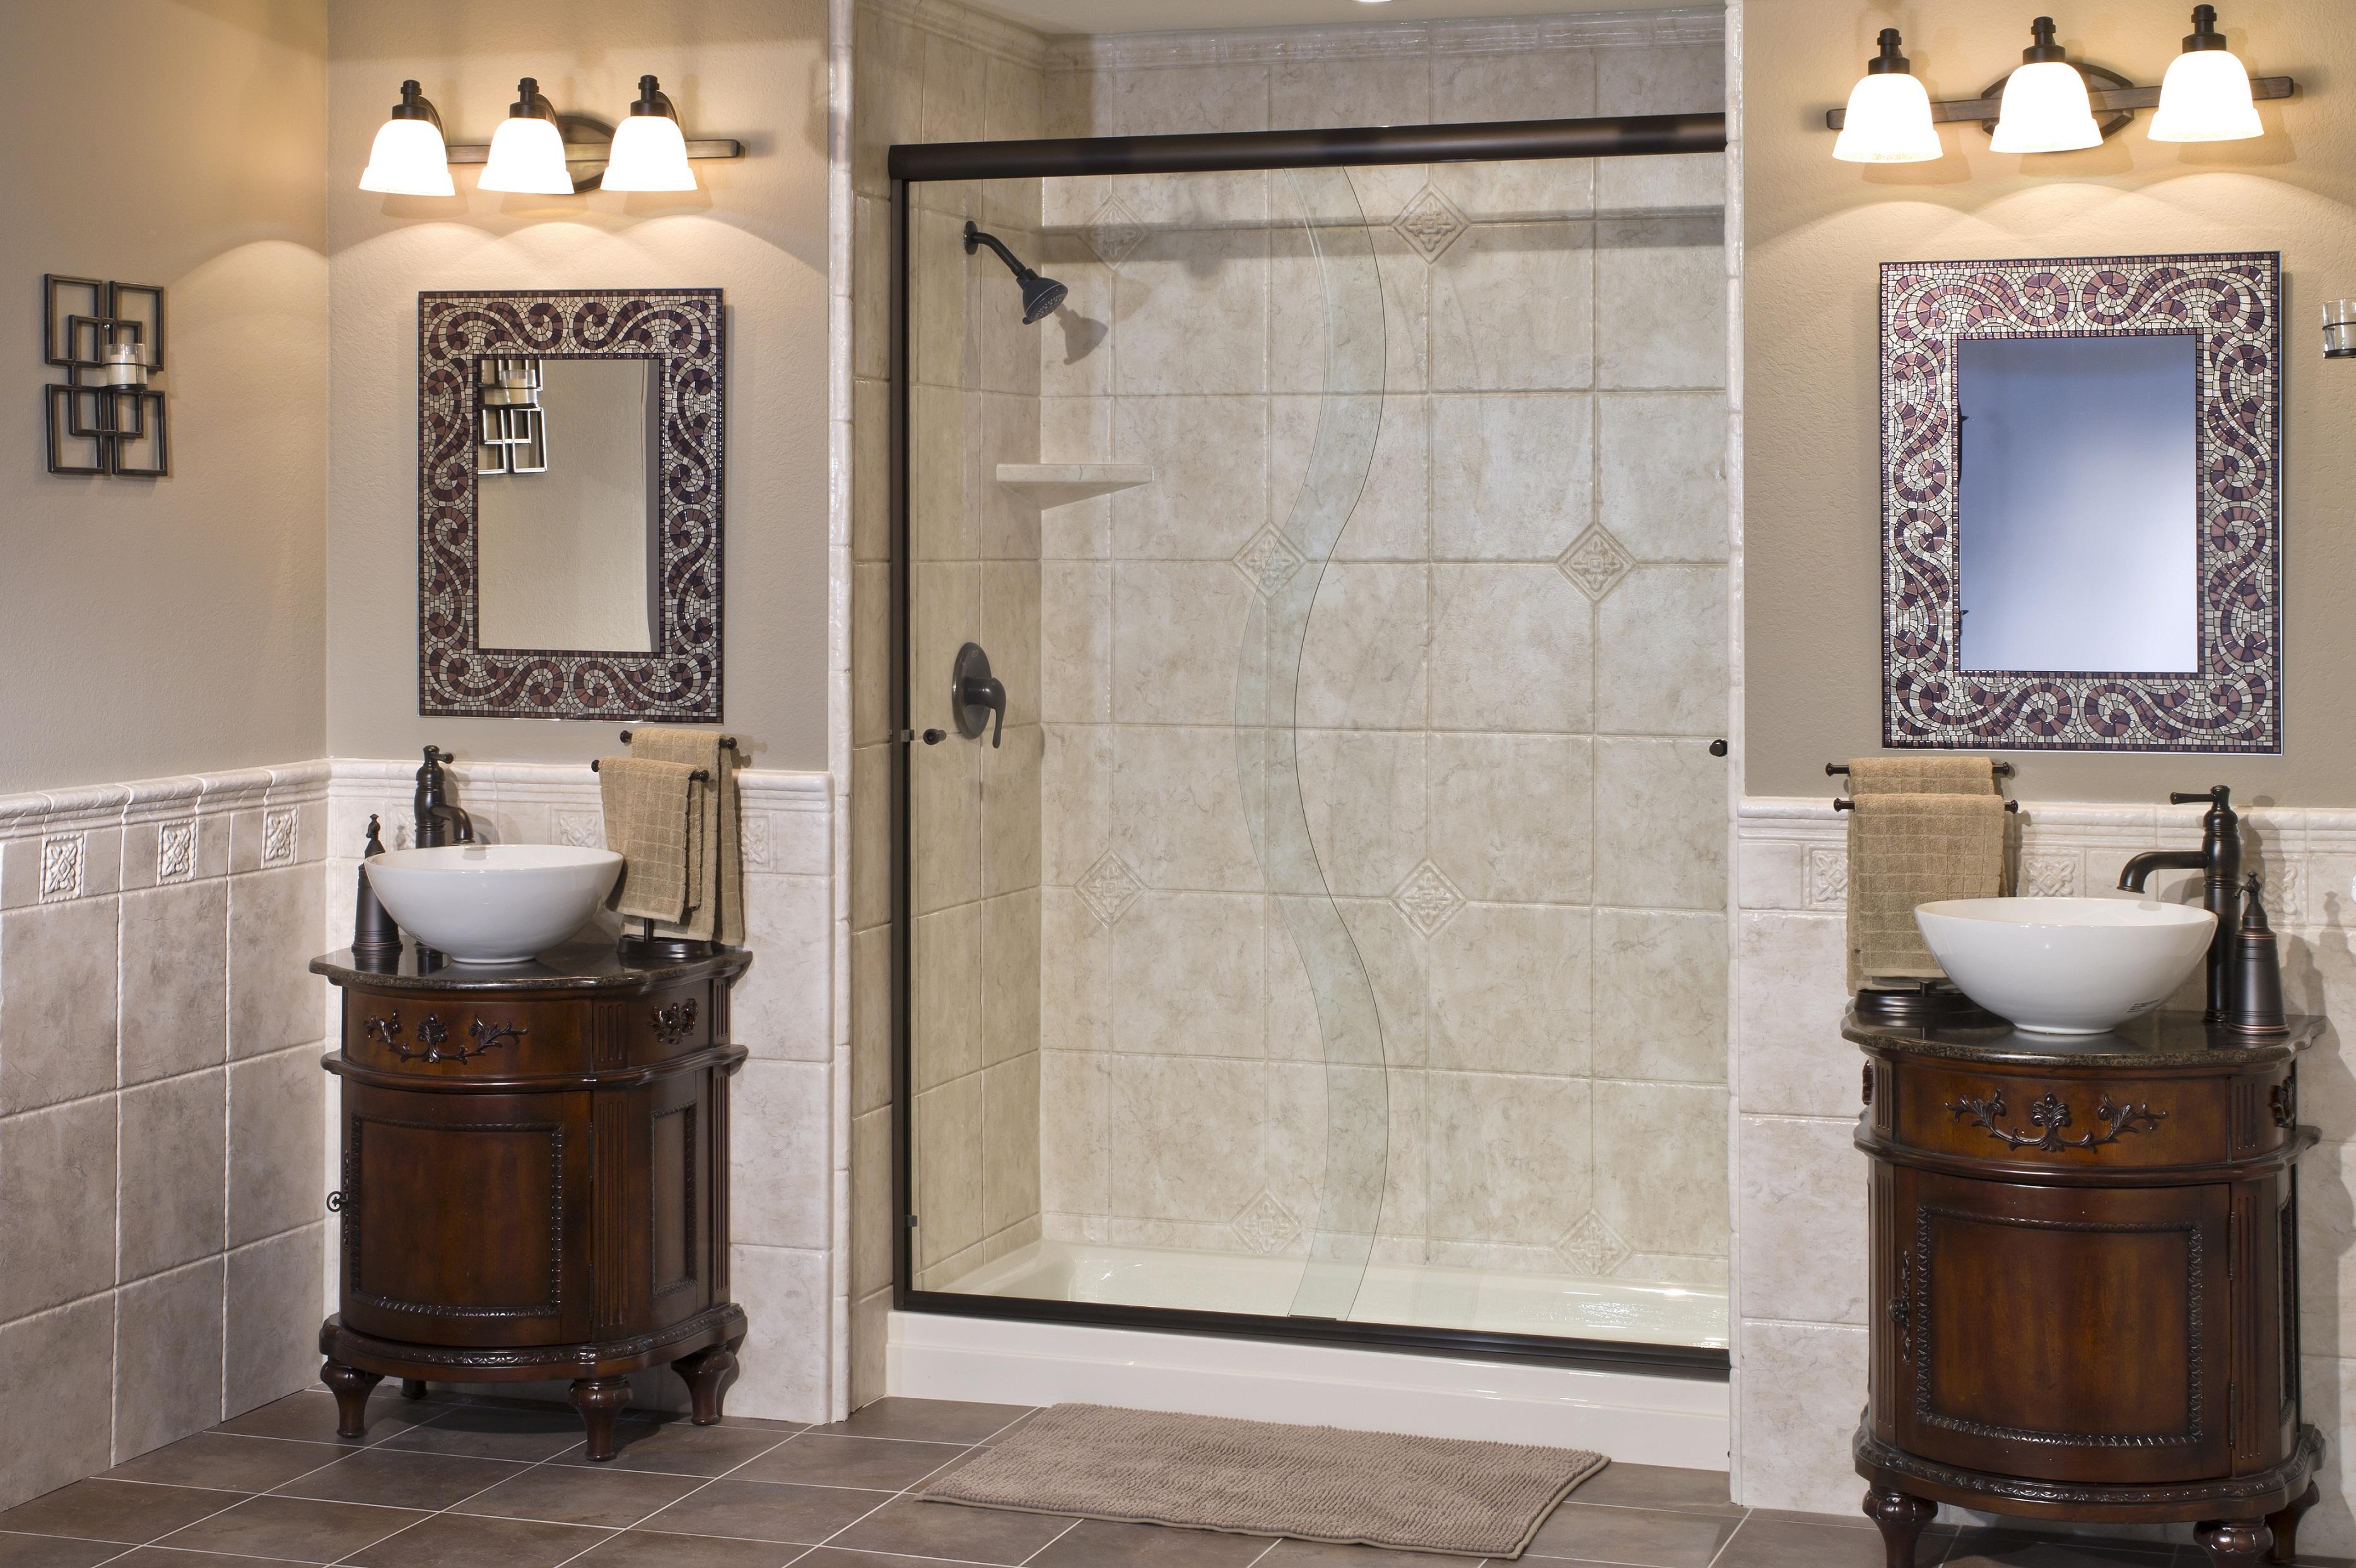 Bathroom remodeling albany ny - Media